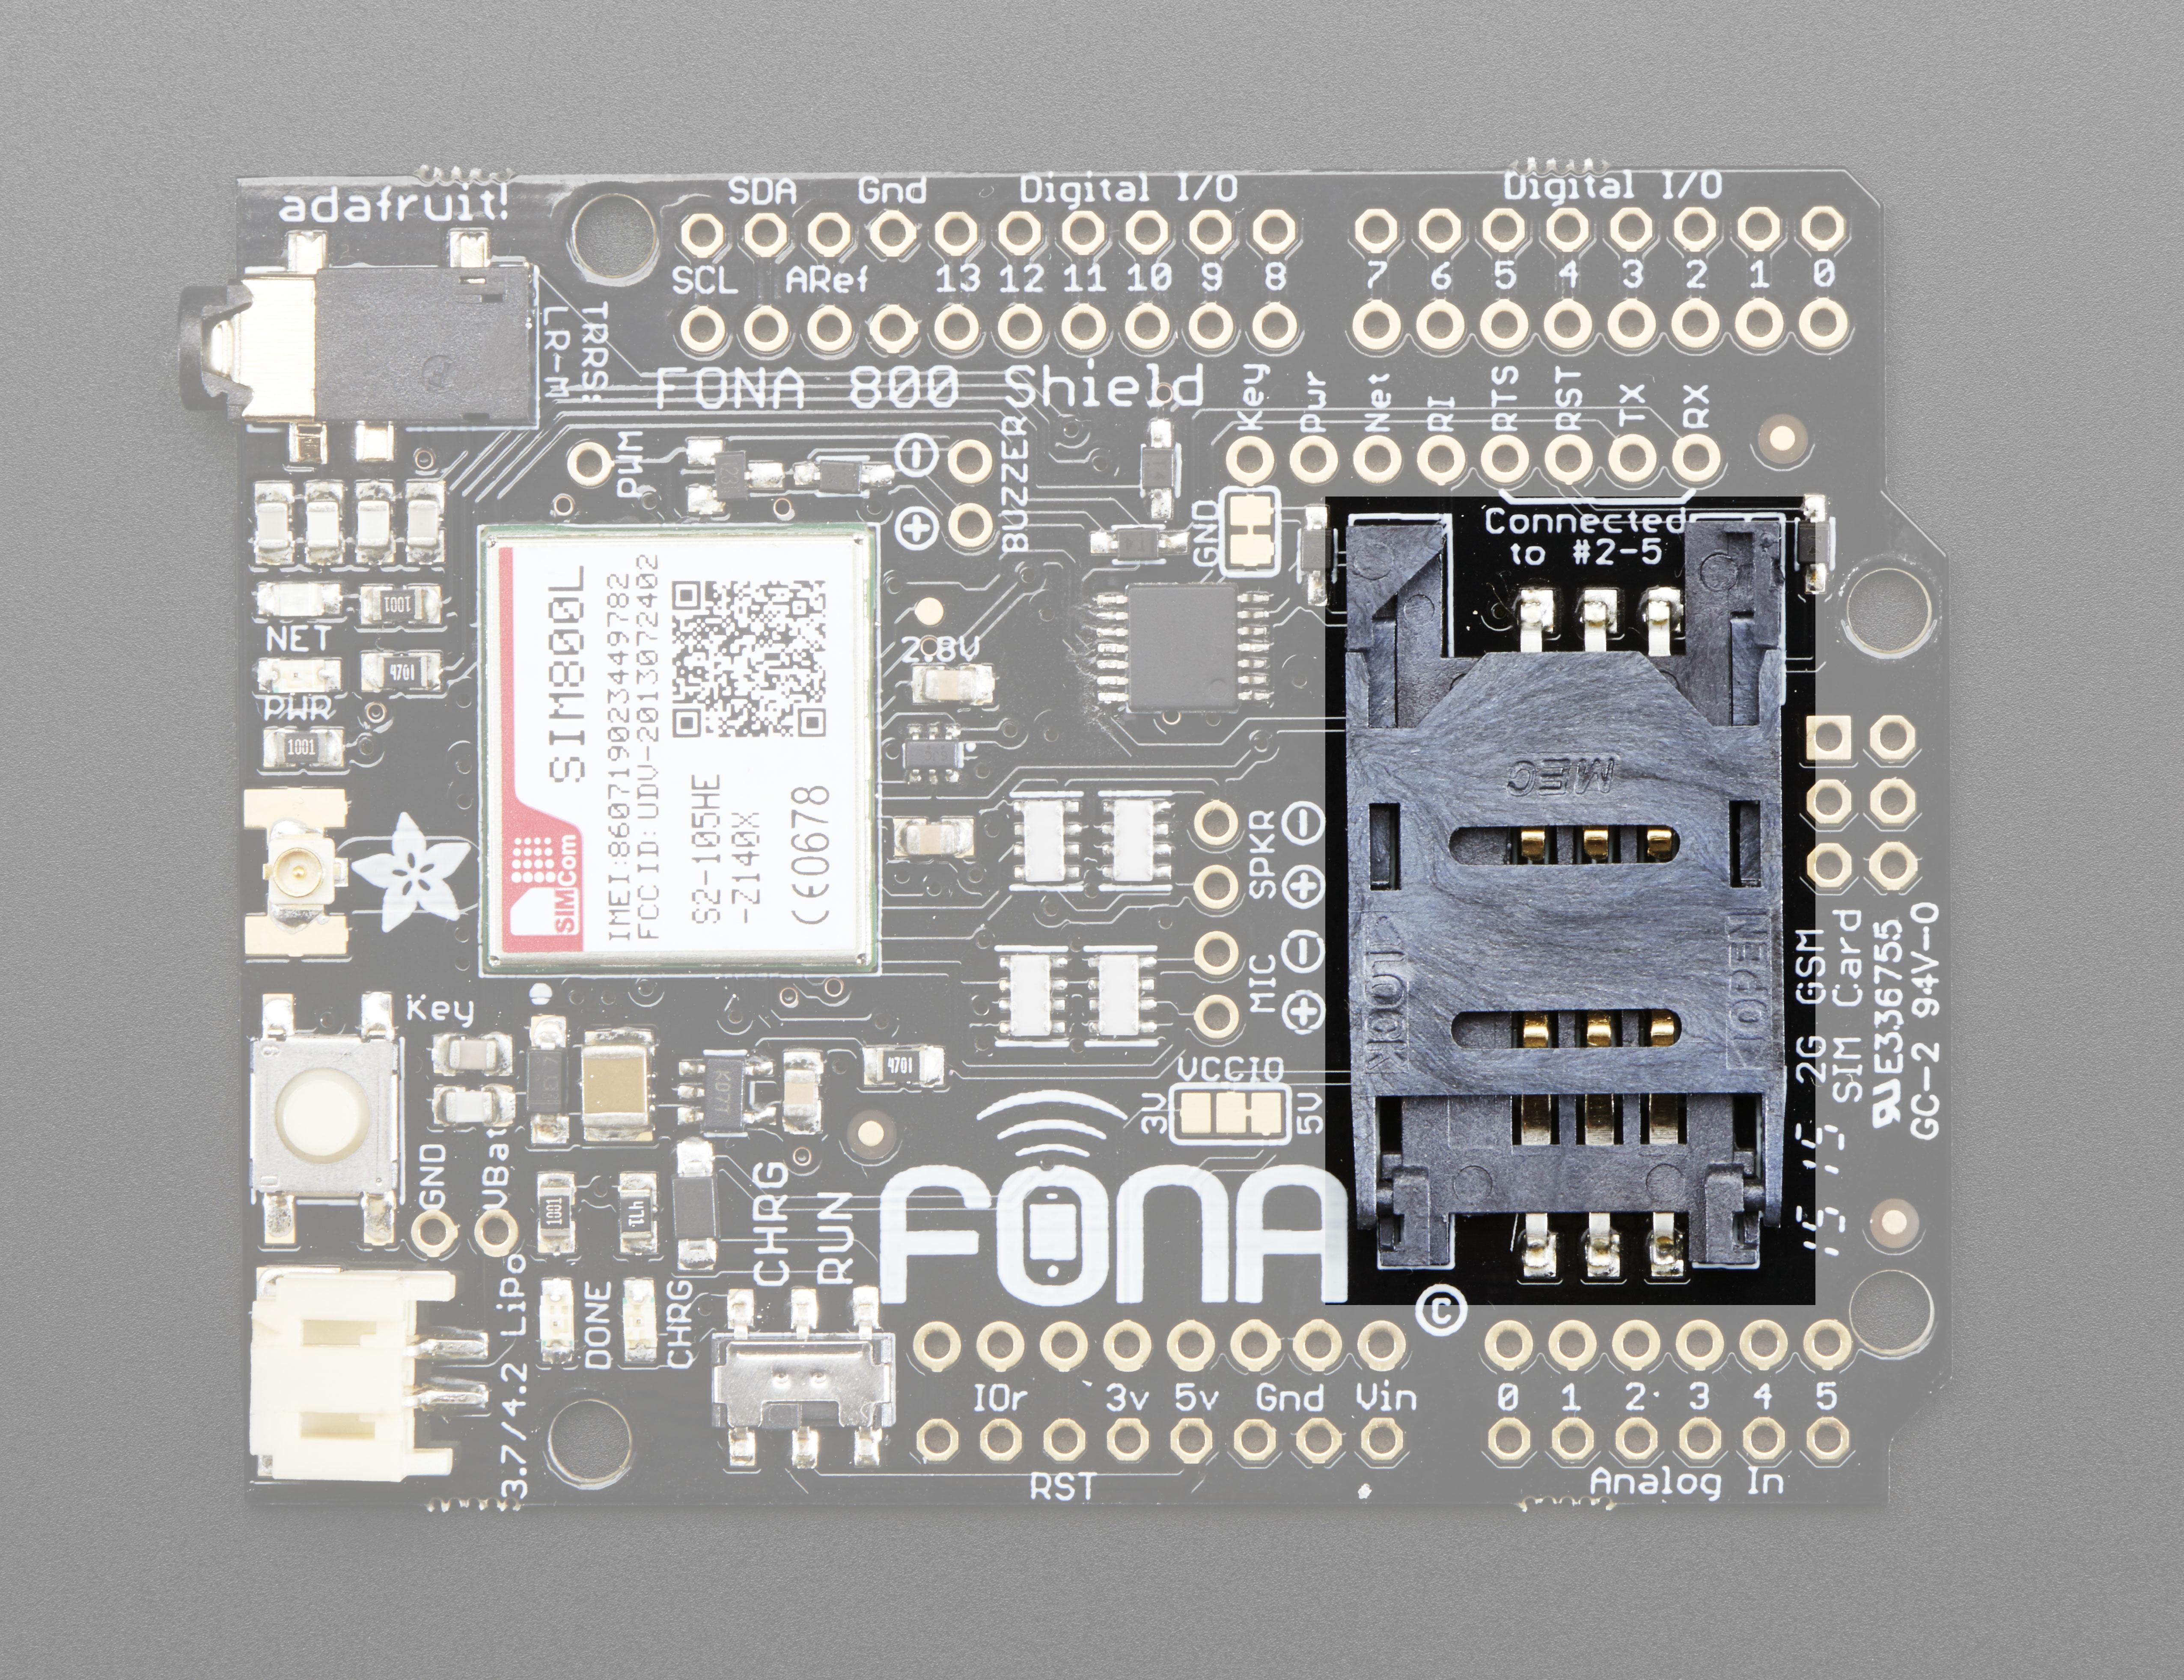 adafruit_products_simcard.jpg